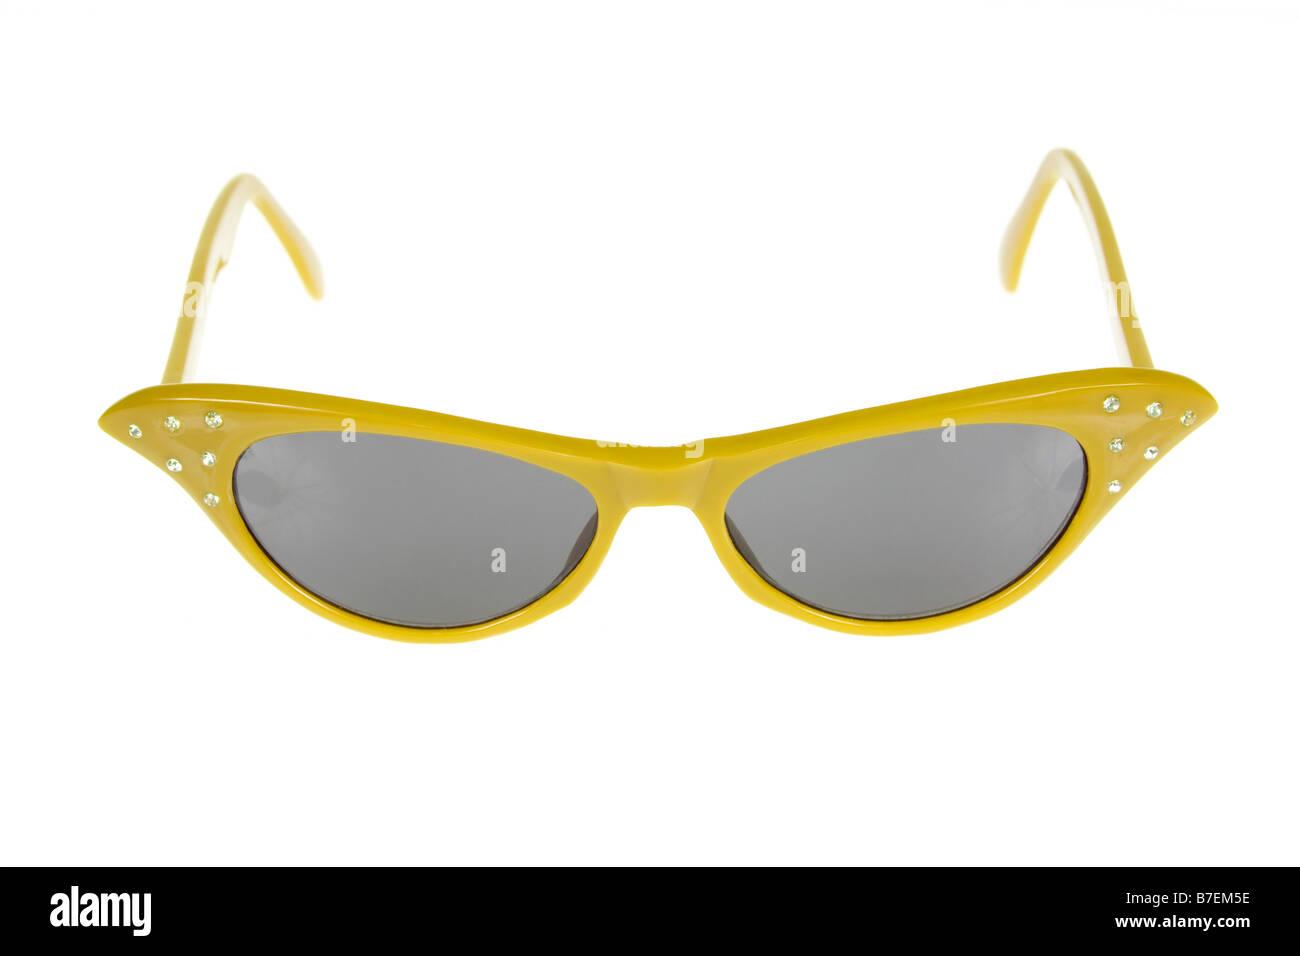 Retro 1950's american female sunglasses on a pure white background. - Stock Image